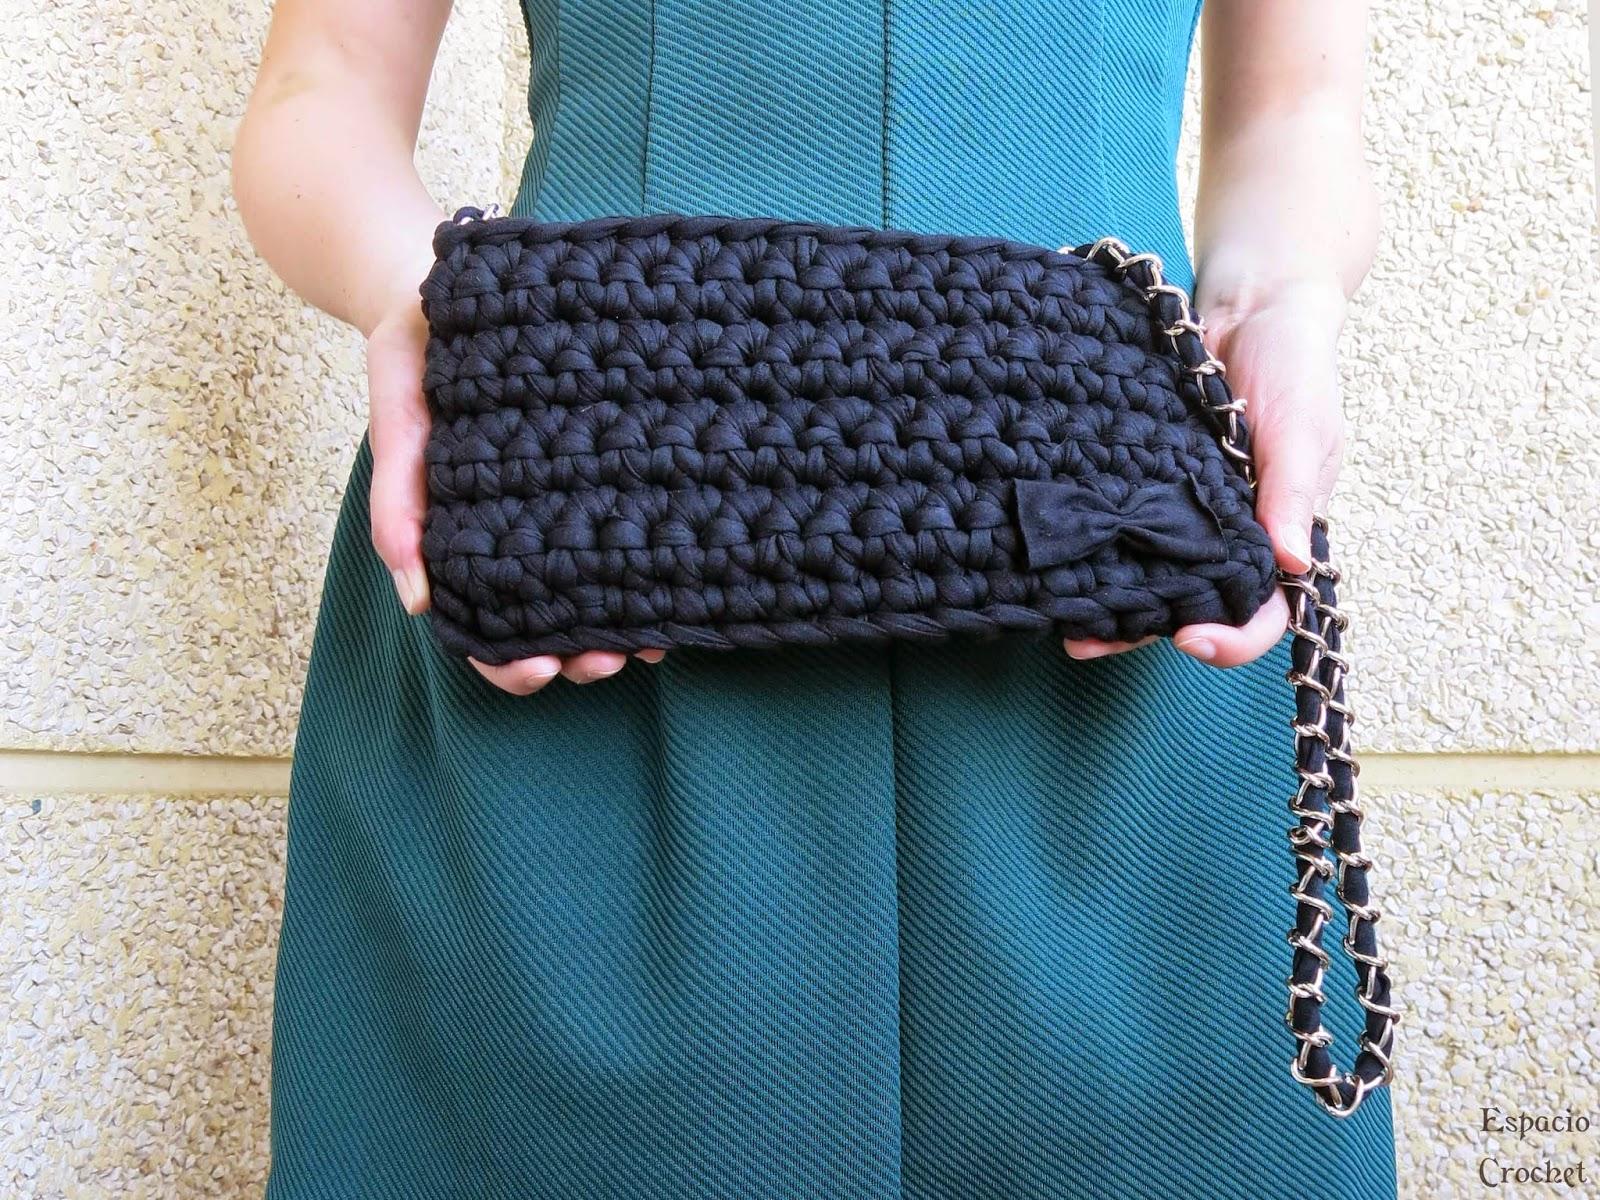 Bolso de trapillo espacio crochet - Hacer bolsos de trapillo ...